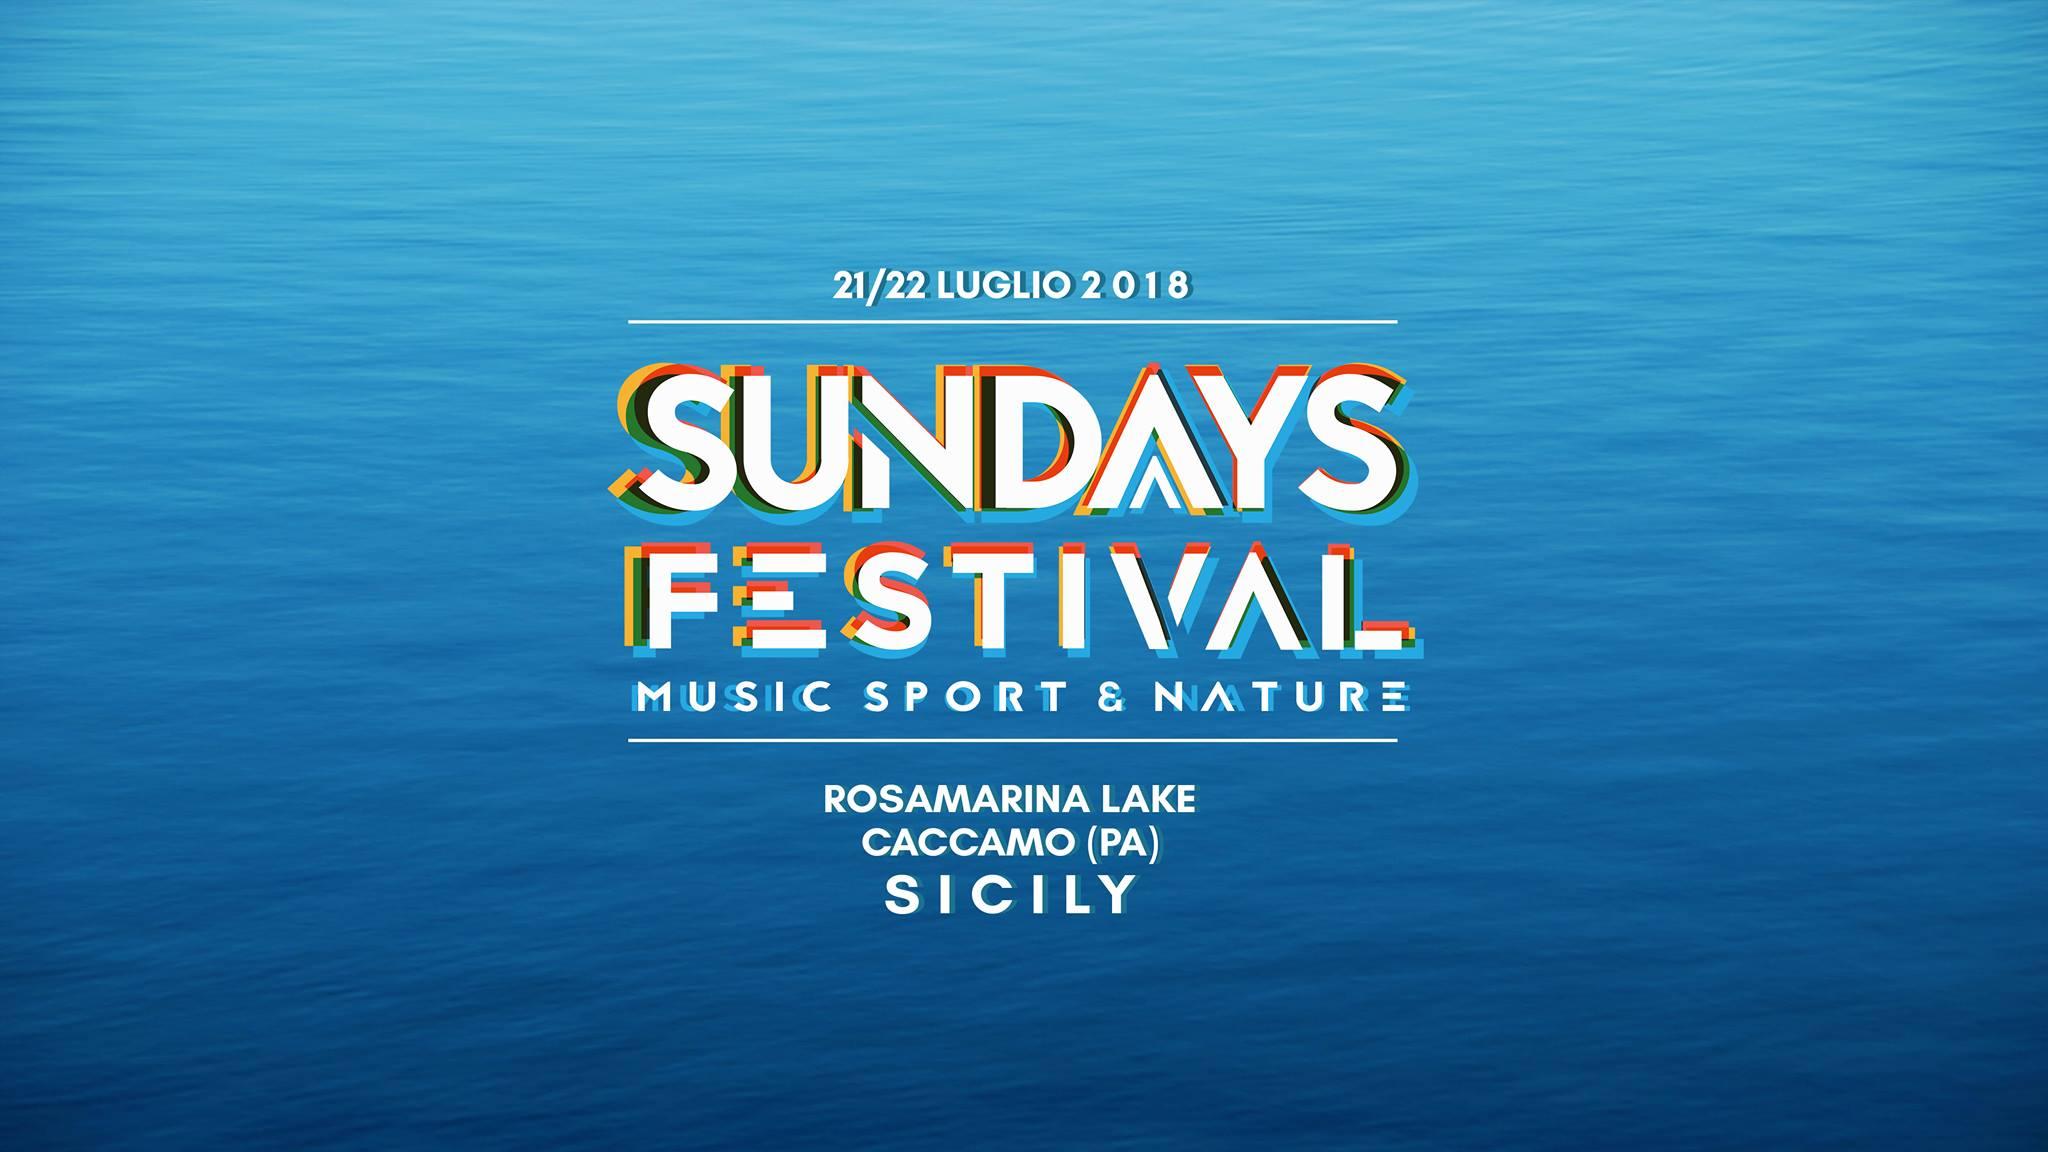 sundays-festival-2018-caccamo